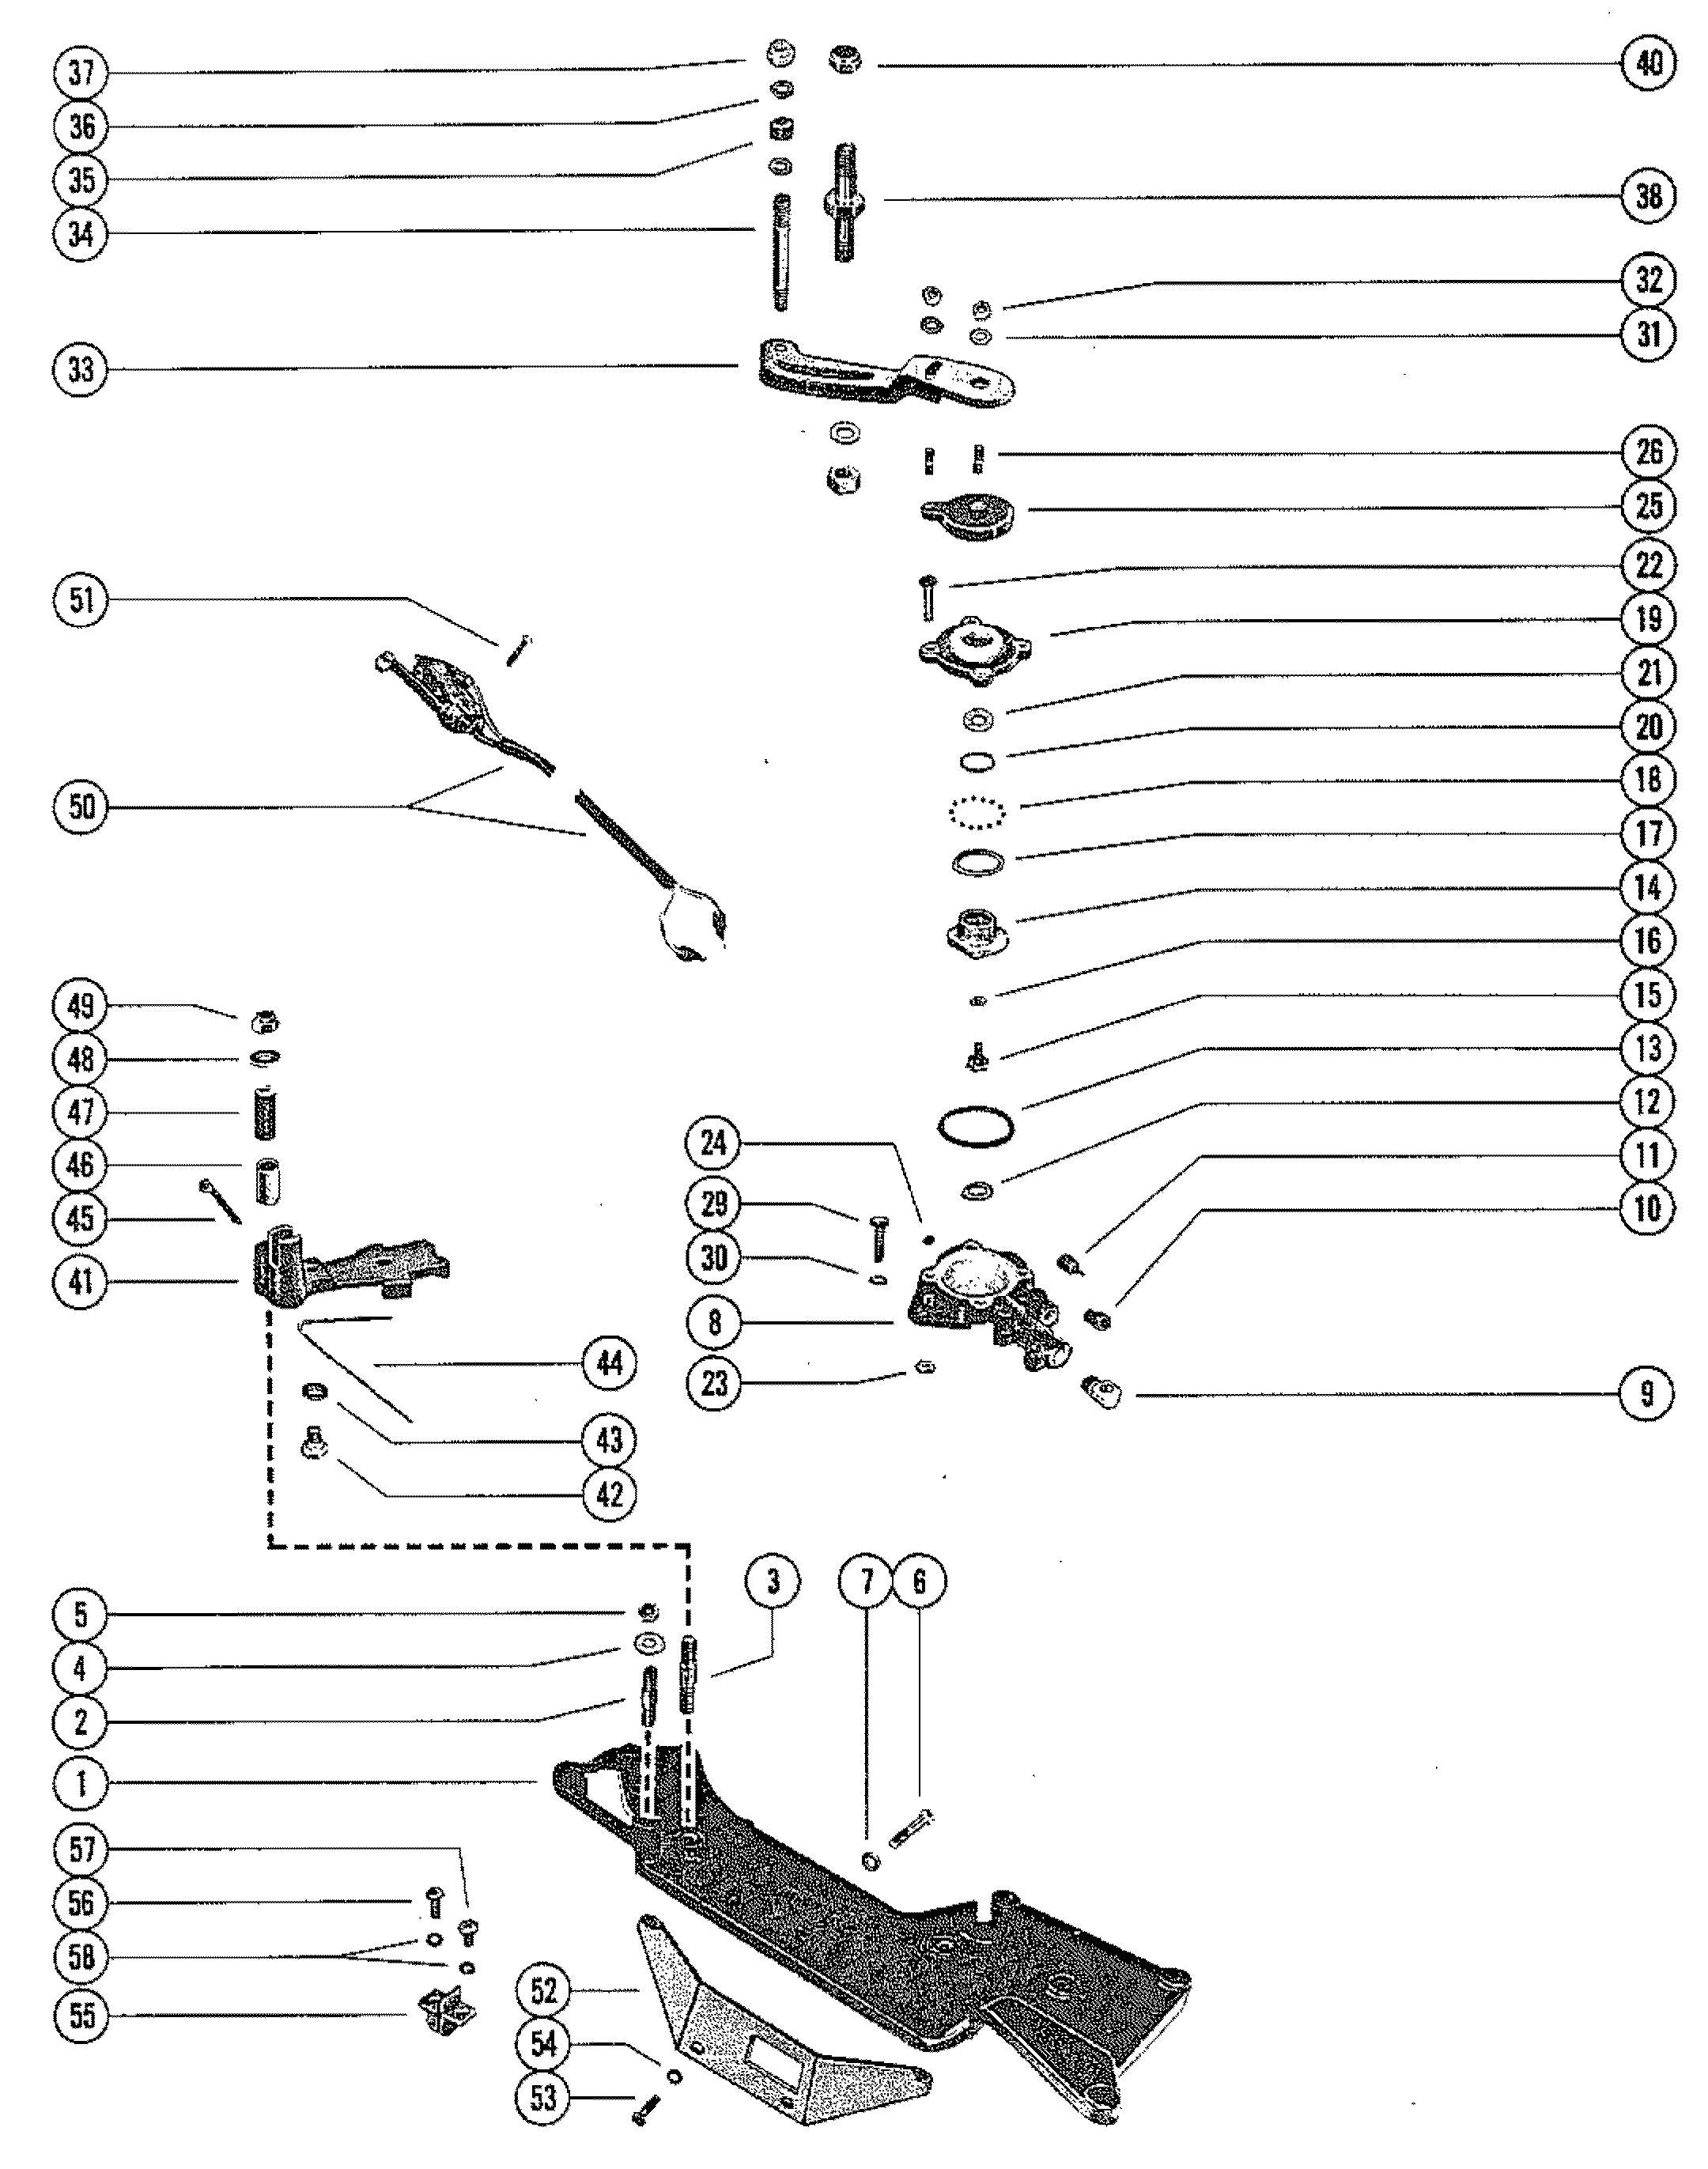 2001 ford f150 radio wiring diagram subaru outback parking